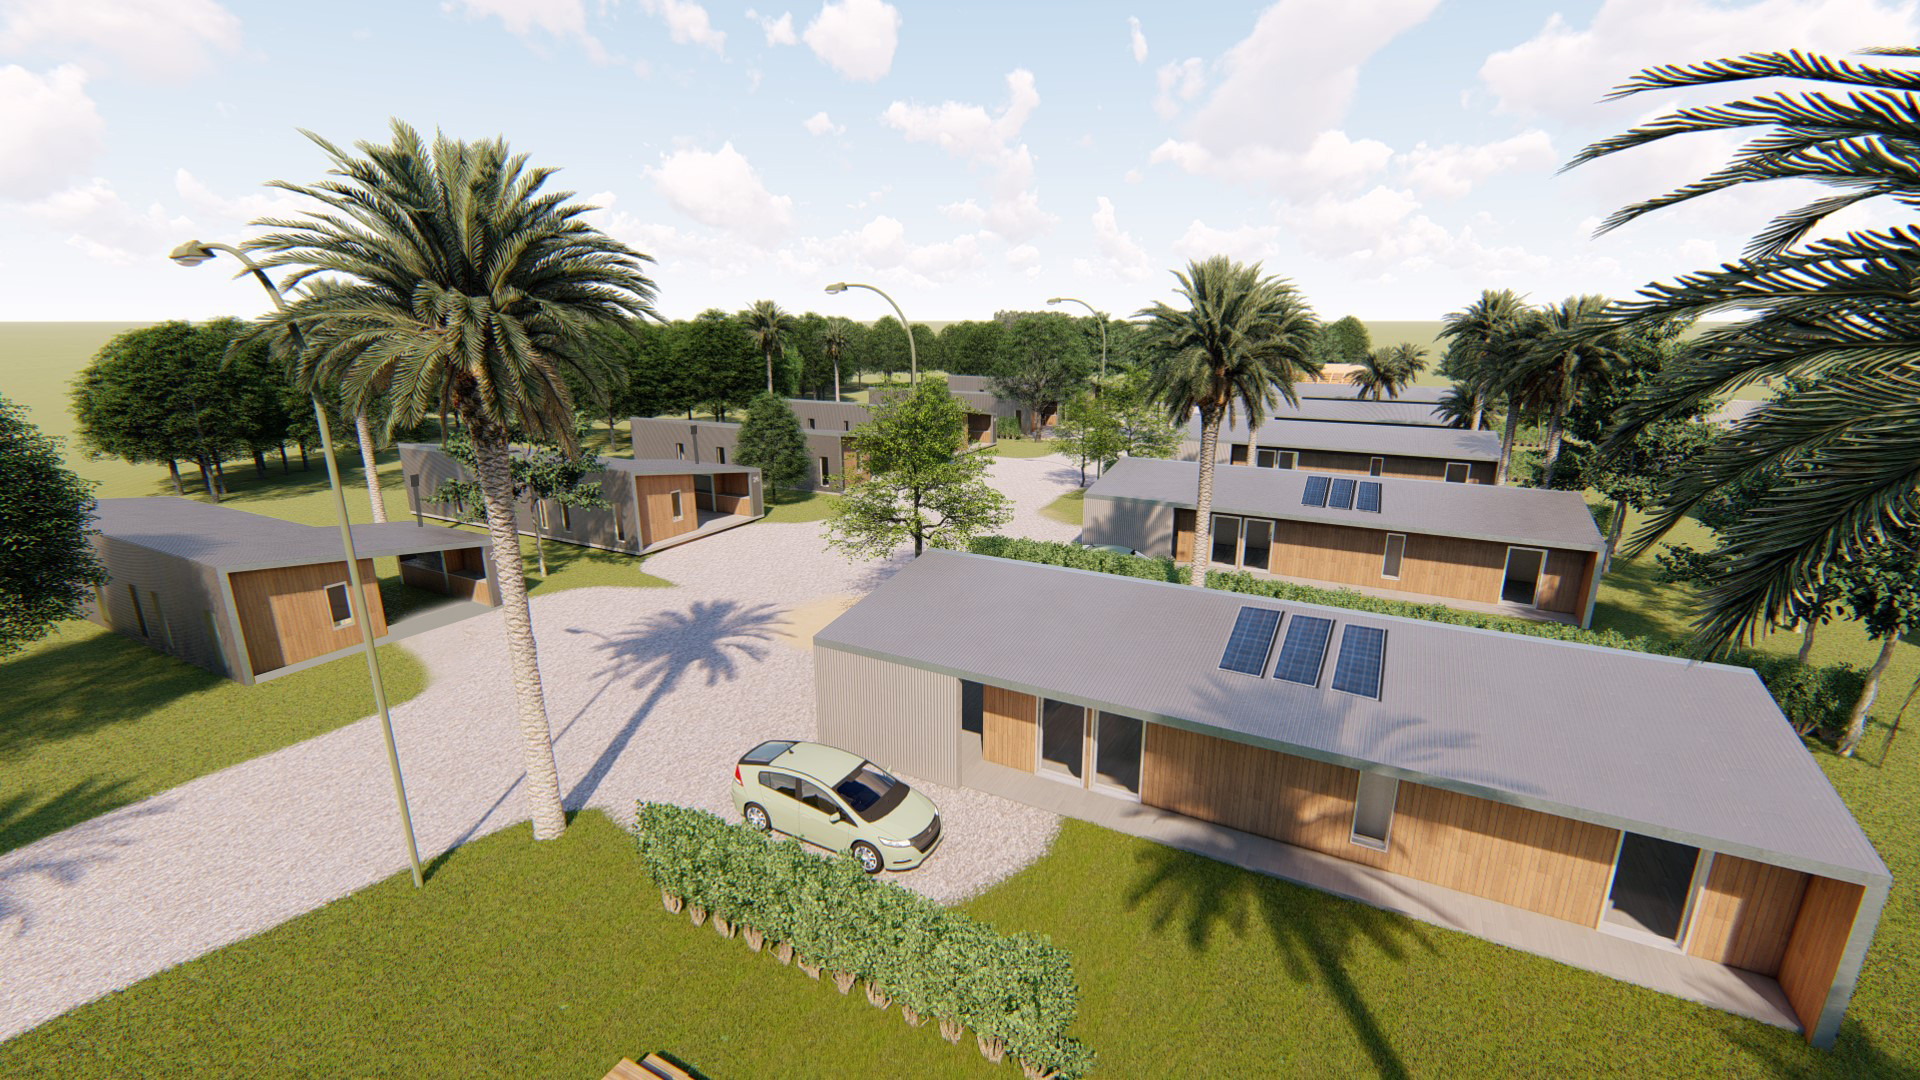 Barrio social - vivienda social sustentable cauh